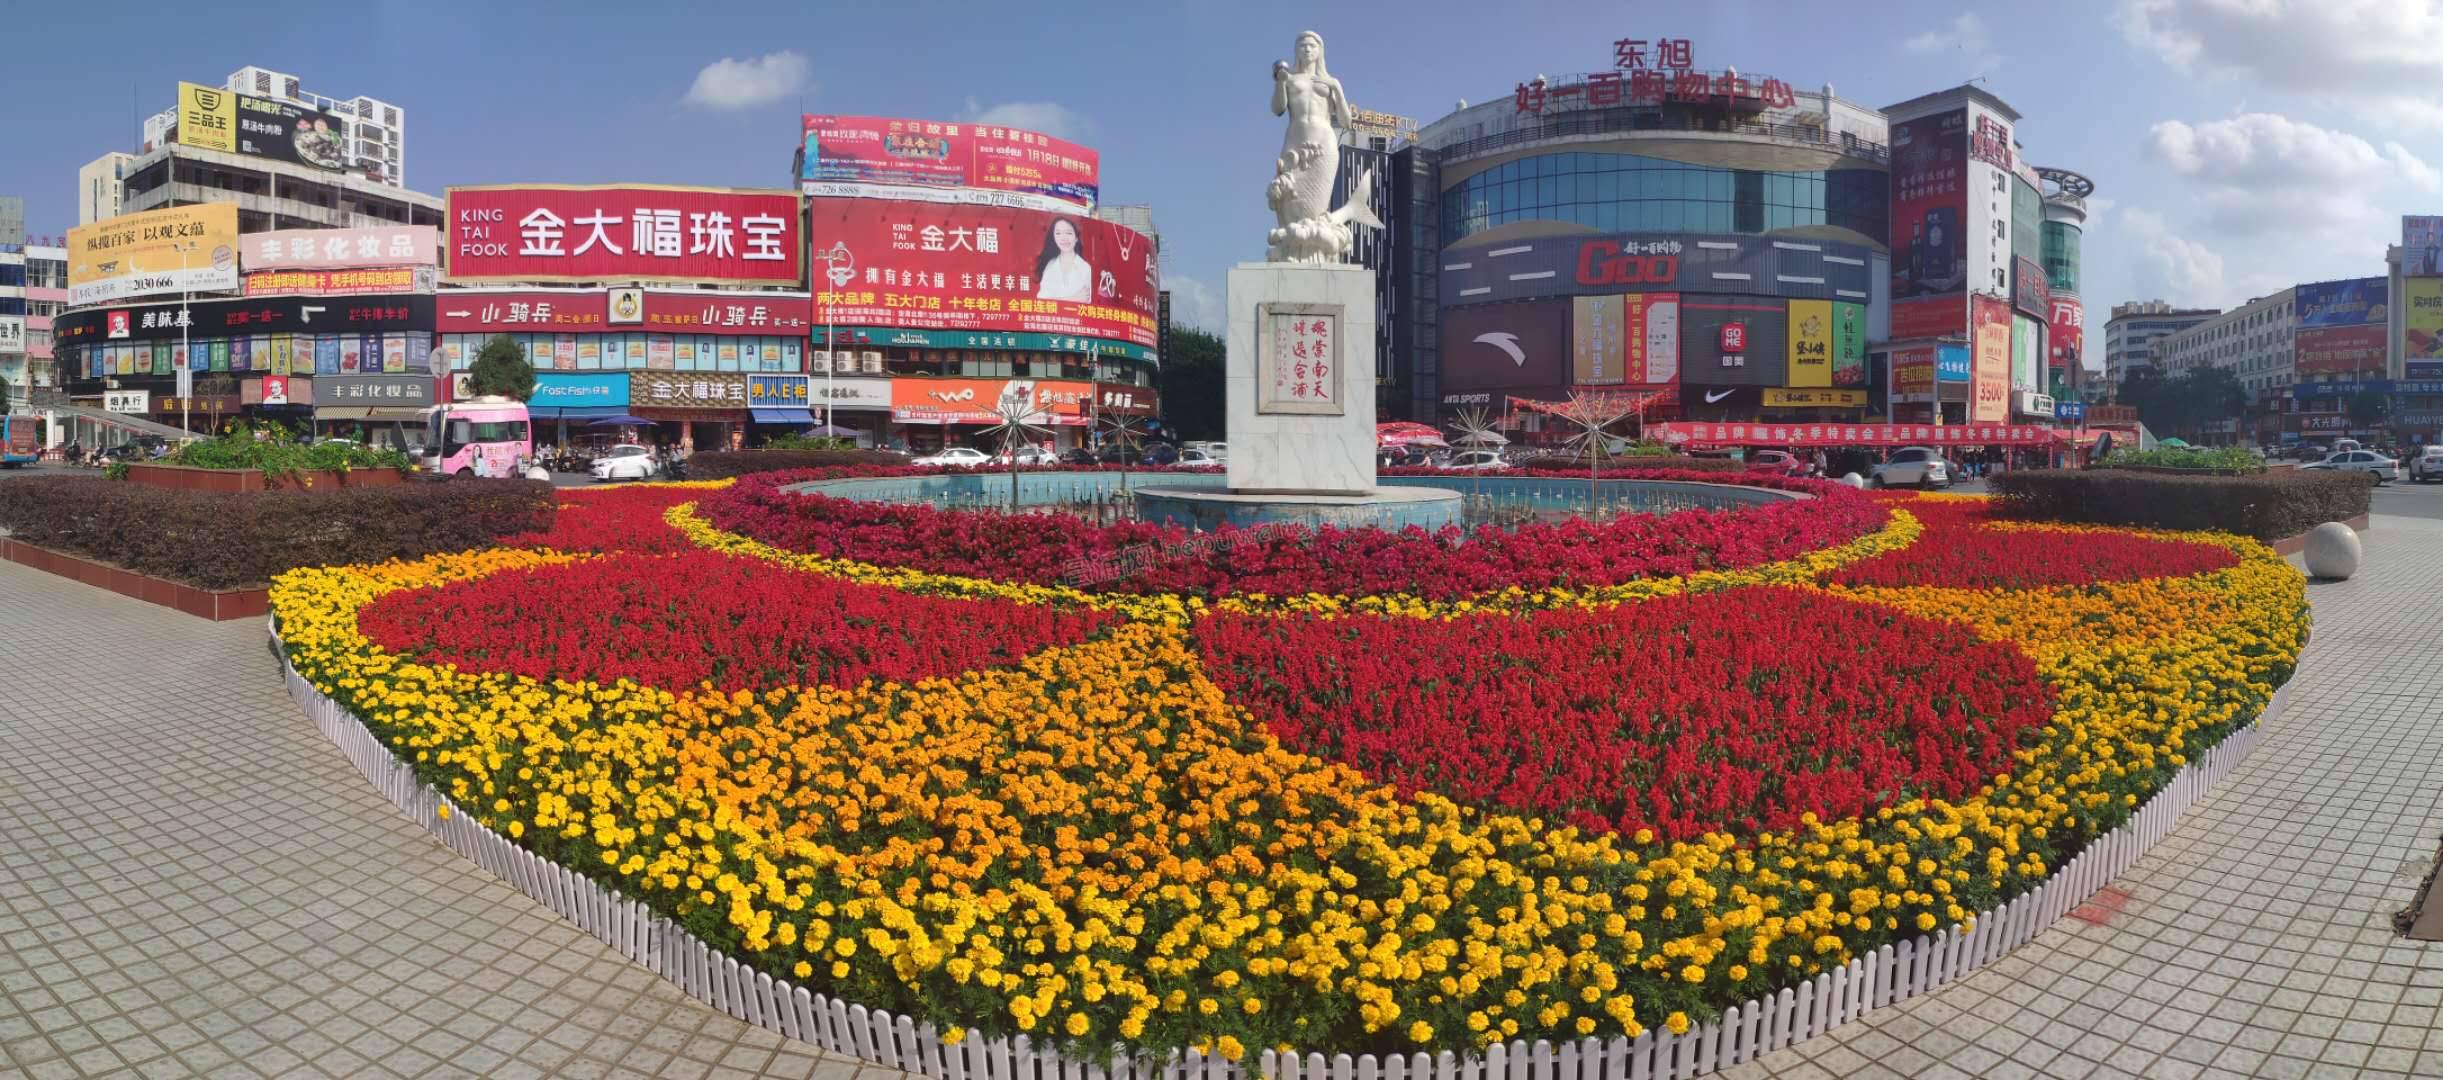 新年就要到了!美人鱼雕像周围摆满了漂亮的鲜花